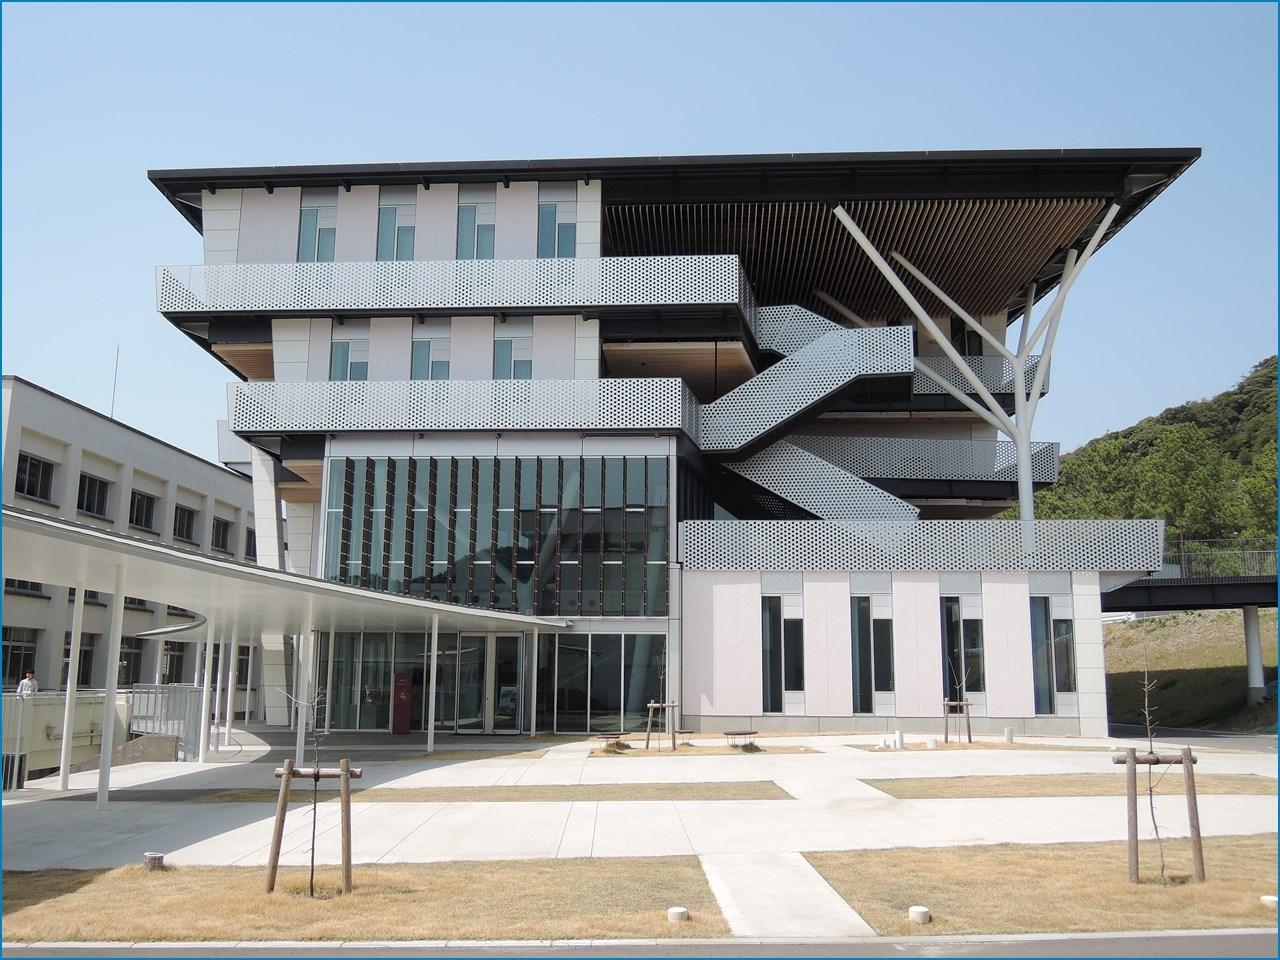 静岡理工科大学 理工学部 建築学科棟の見学 2_c0376508_04383767.jpg